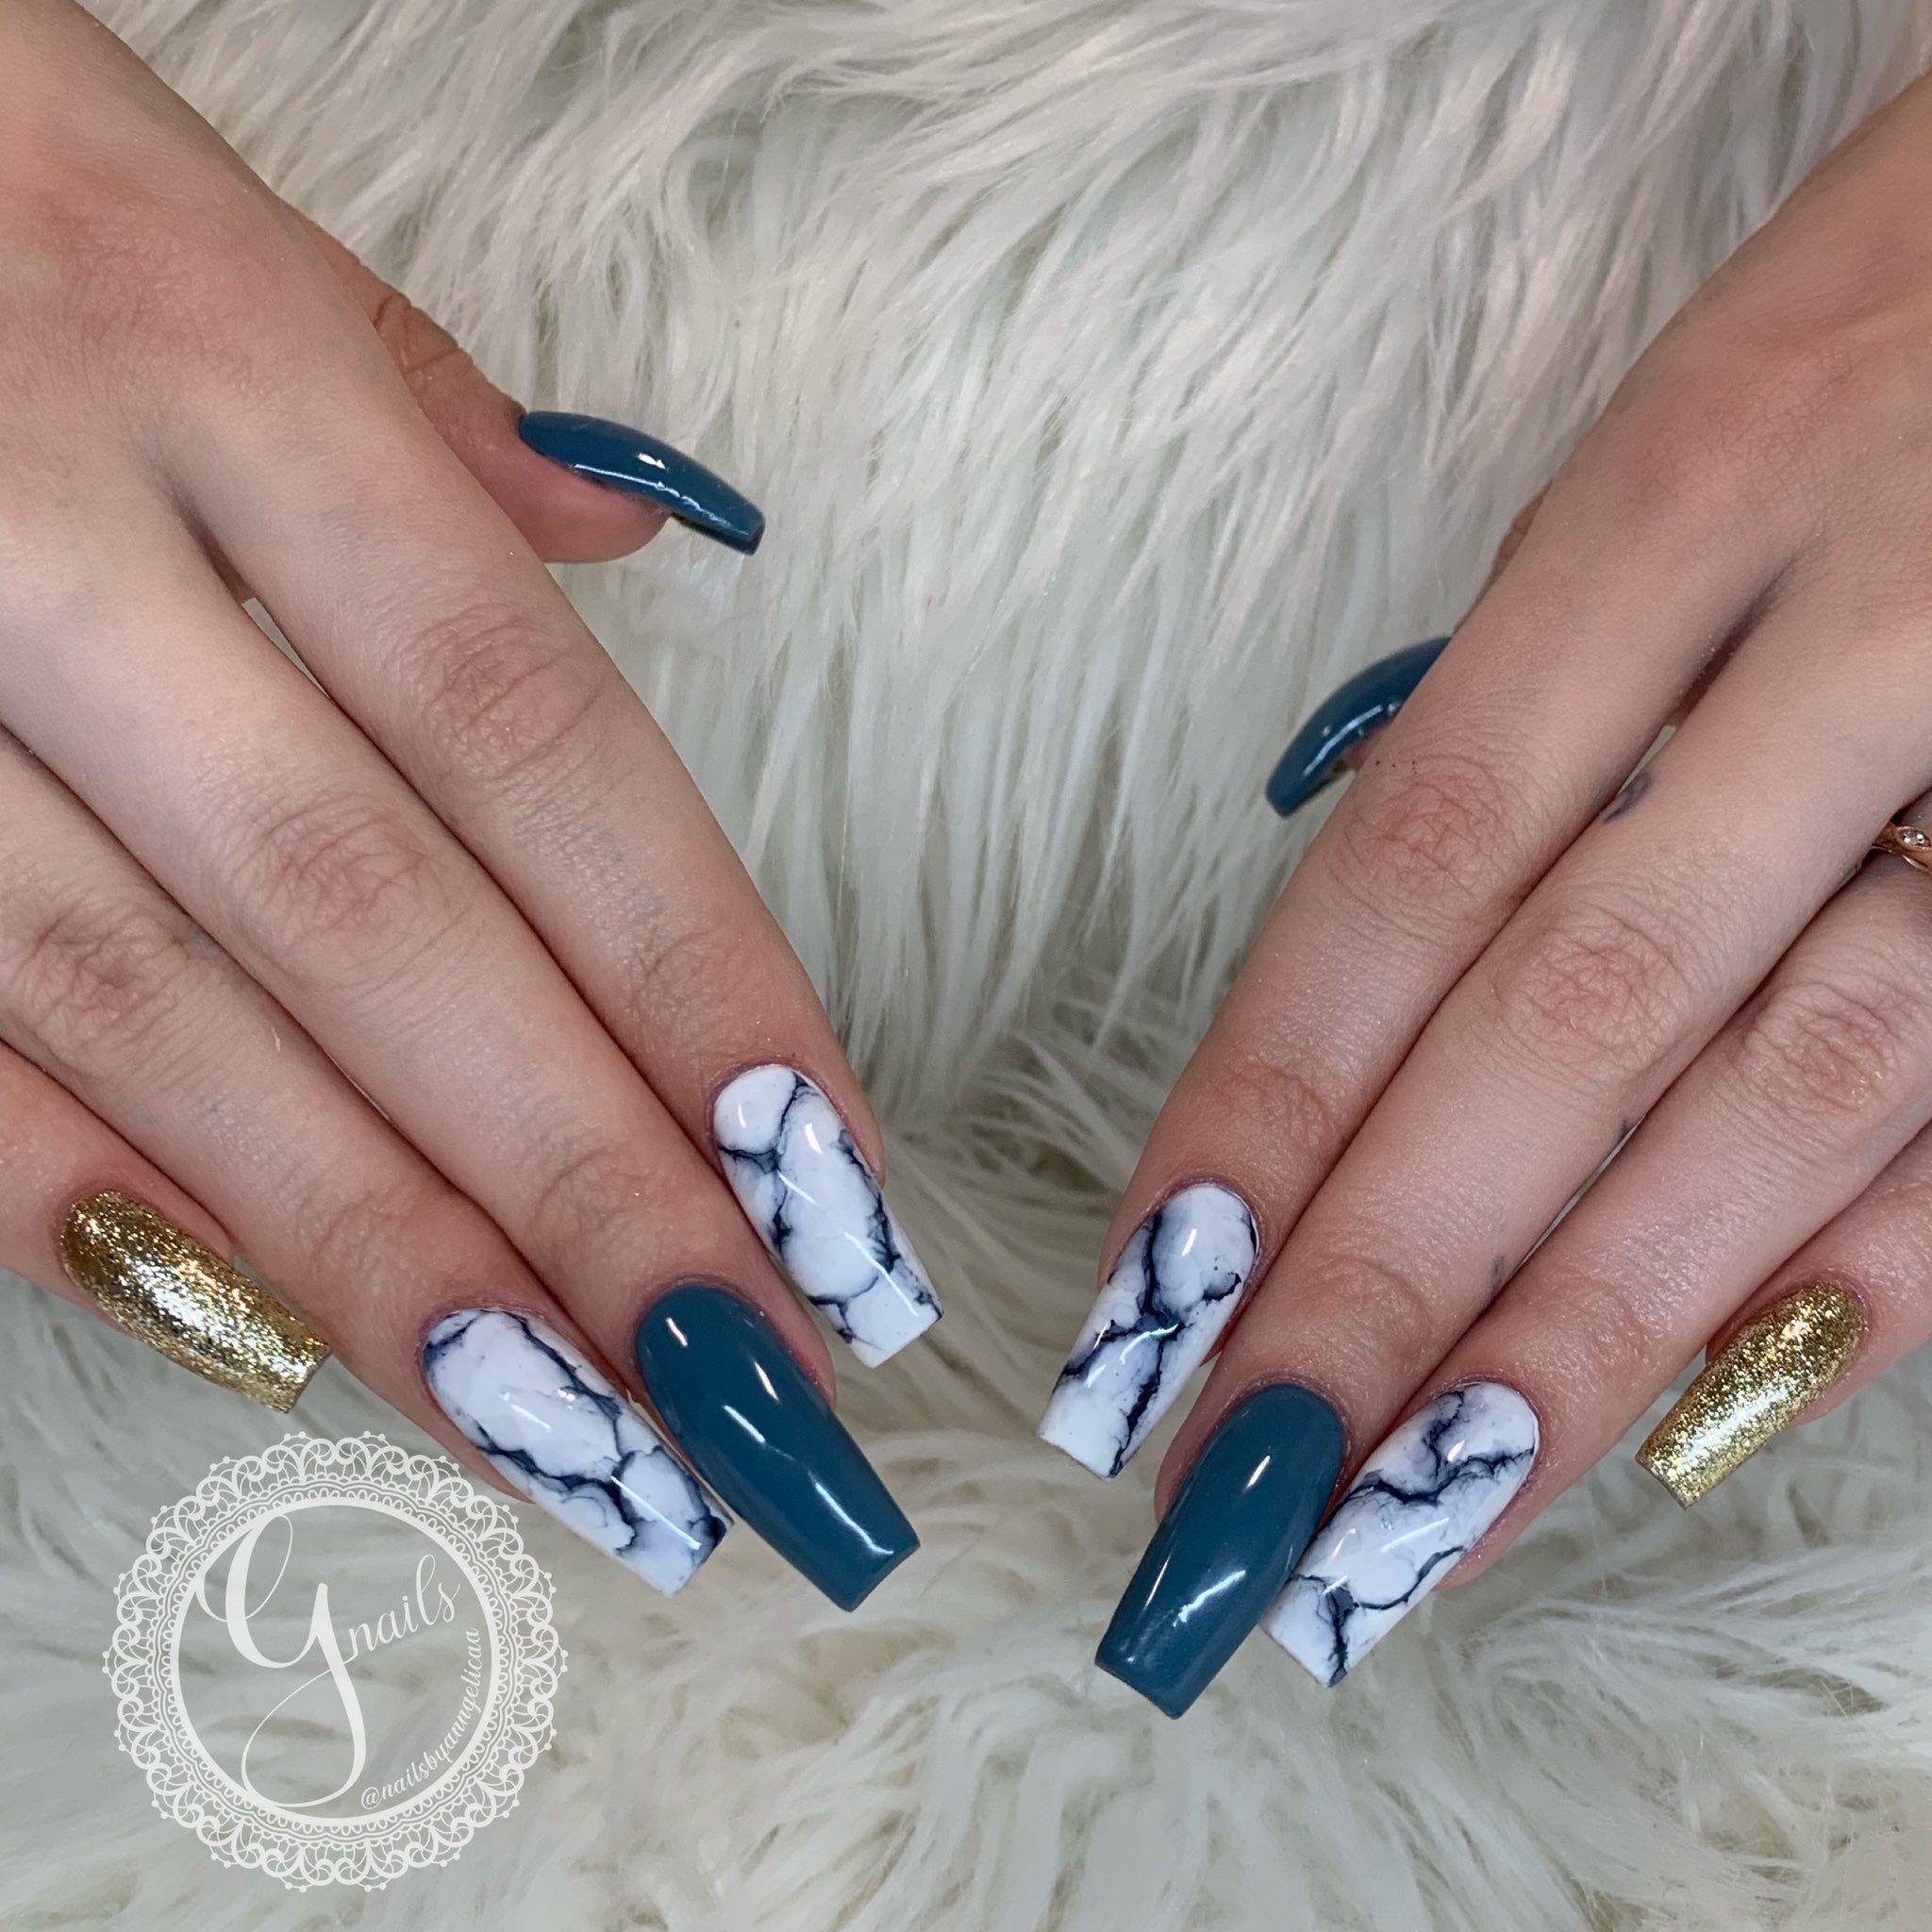 Pin By Jaya Jai On Nails Toes Marble Nail Designs Best Acrylic Nails Marble Acrylic Nails